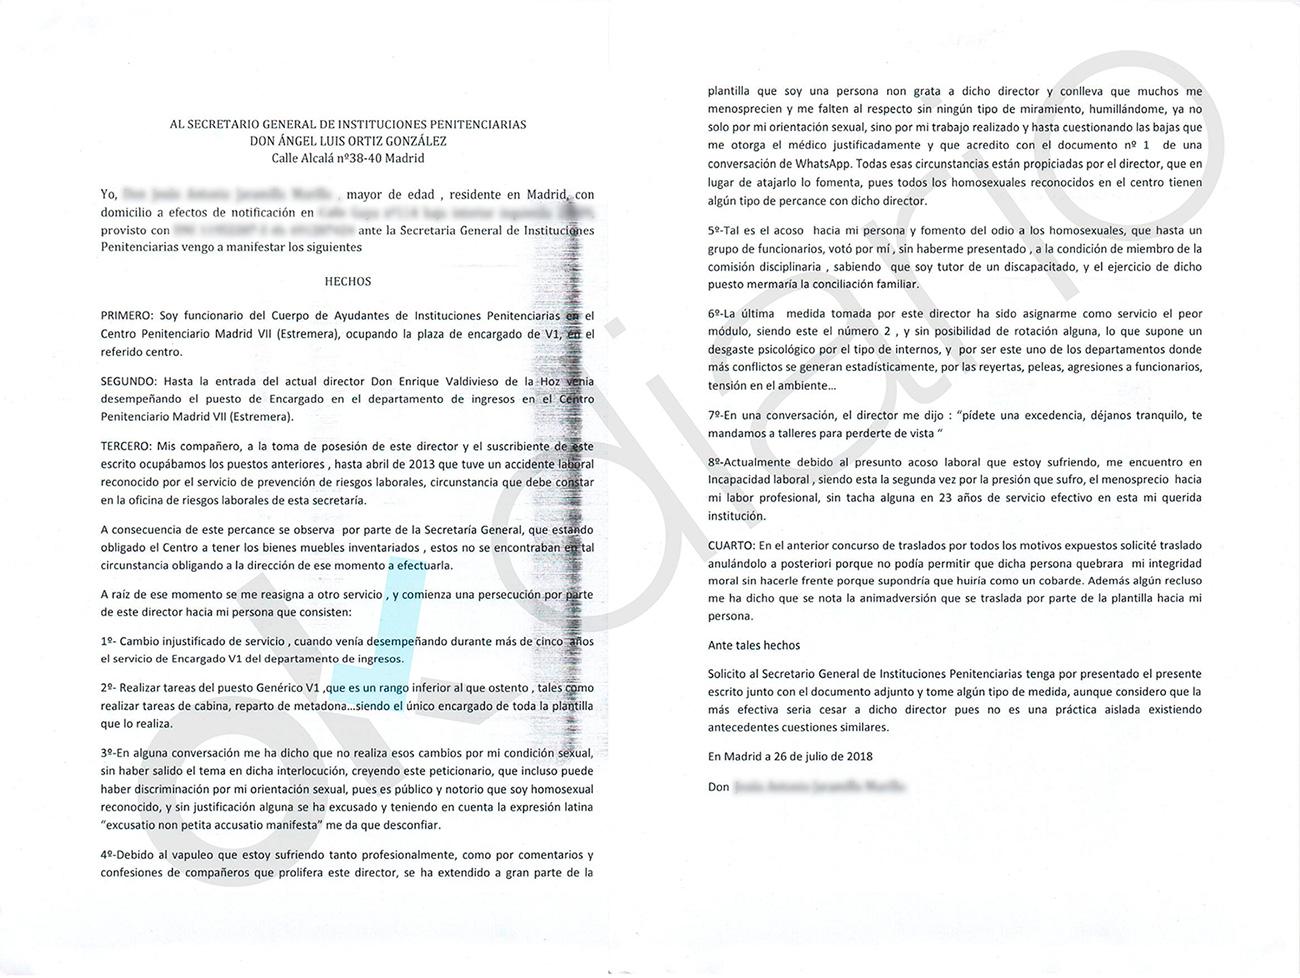 Un alto cargo de prisiones de Grande-Marlaska es denunciado por ...